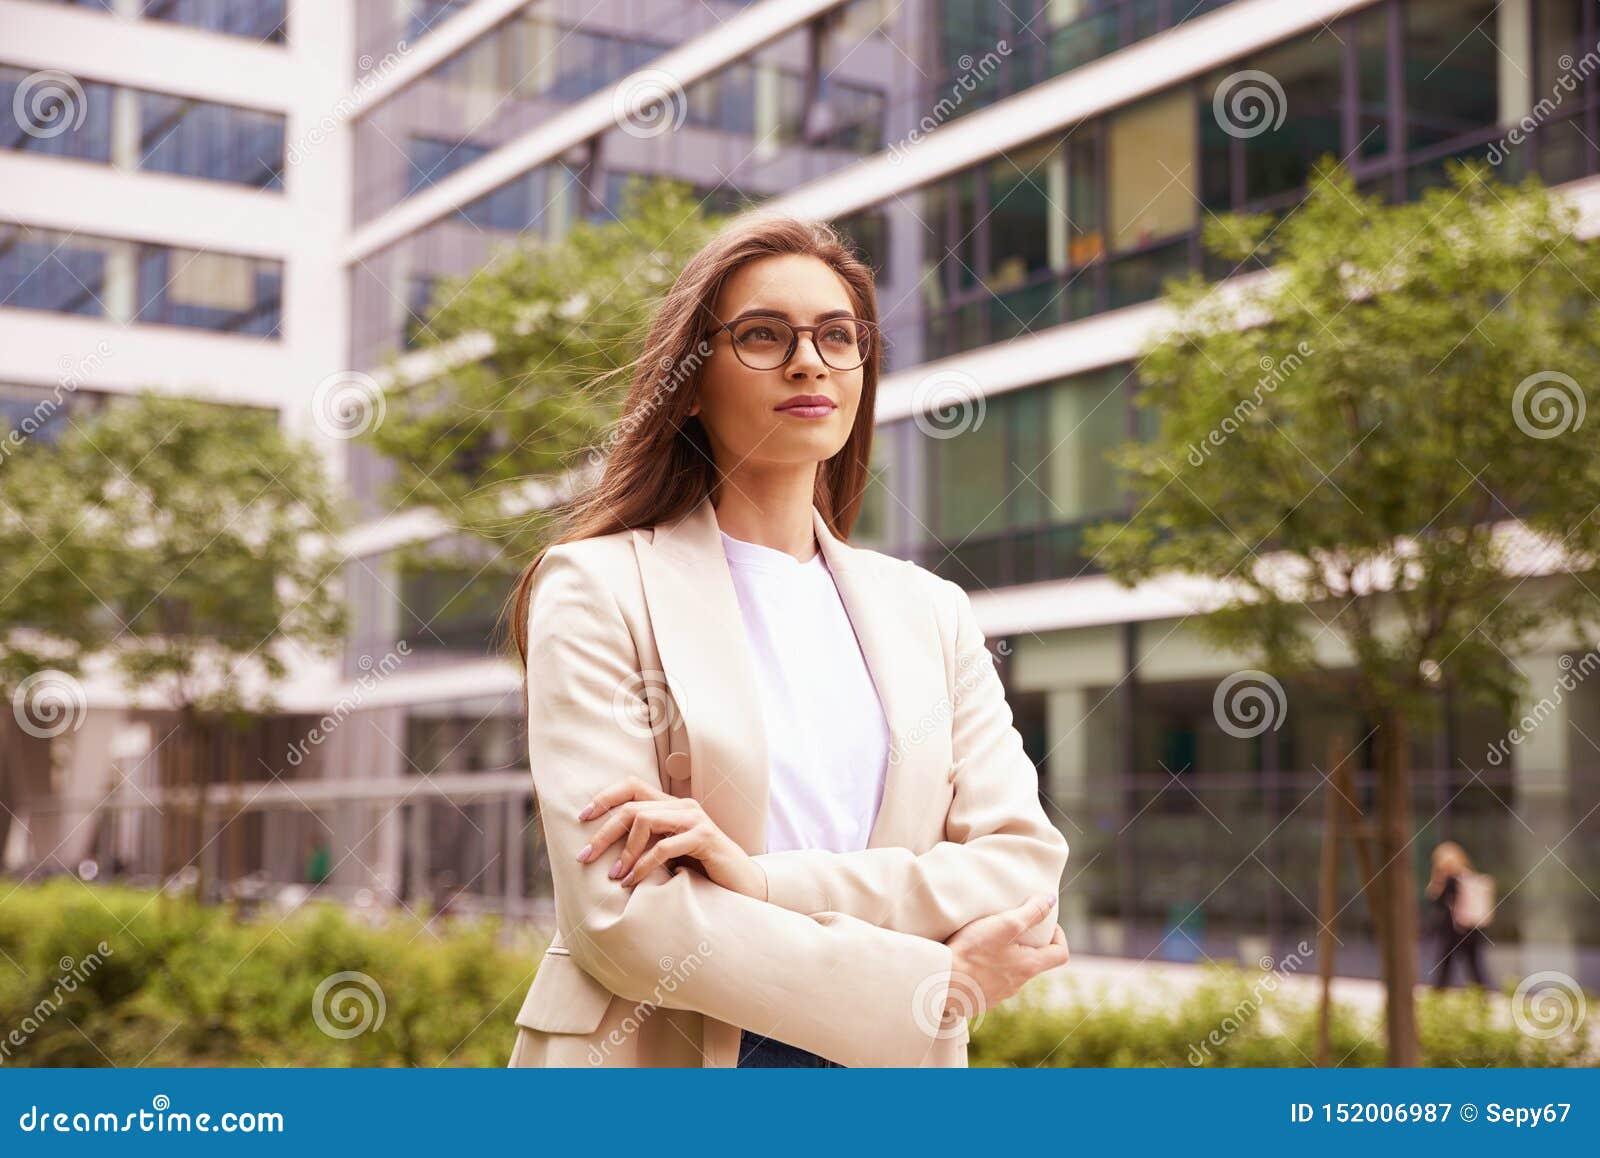 Empresaria que camina en la calle entre los edificios de oficinas